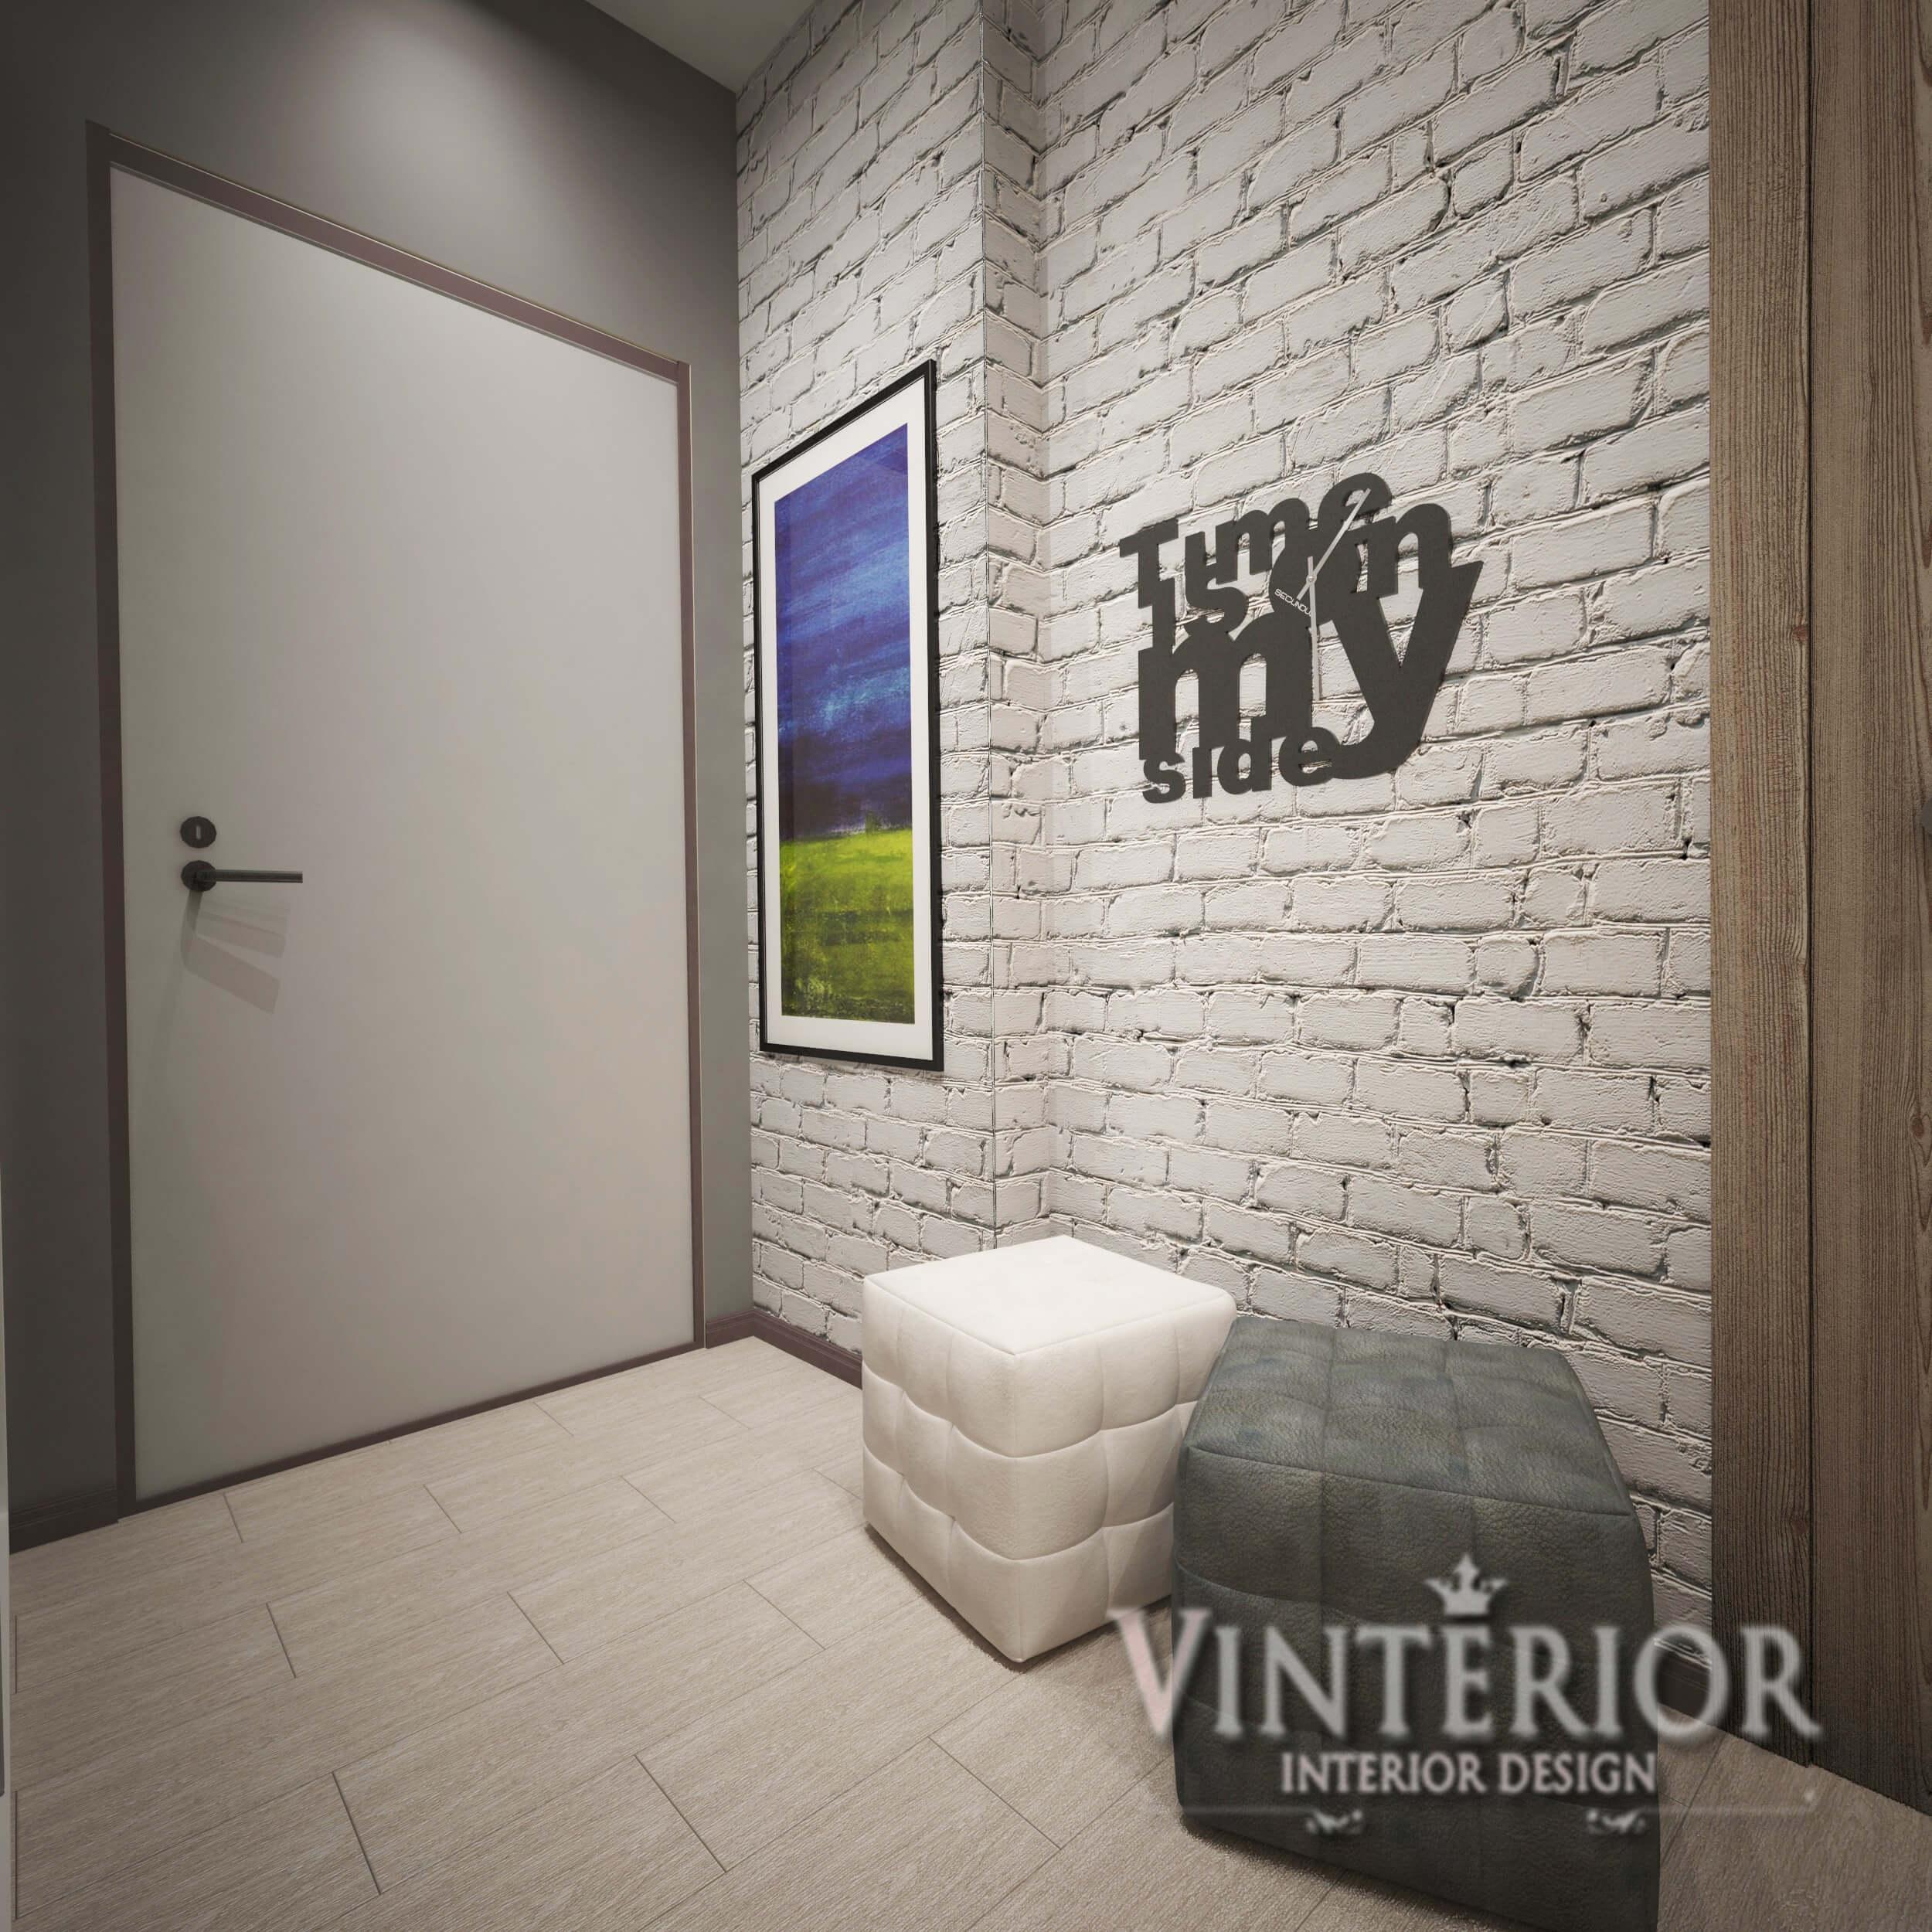 Квартира 1-комнатная, Харьковская, г. Киев